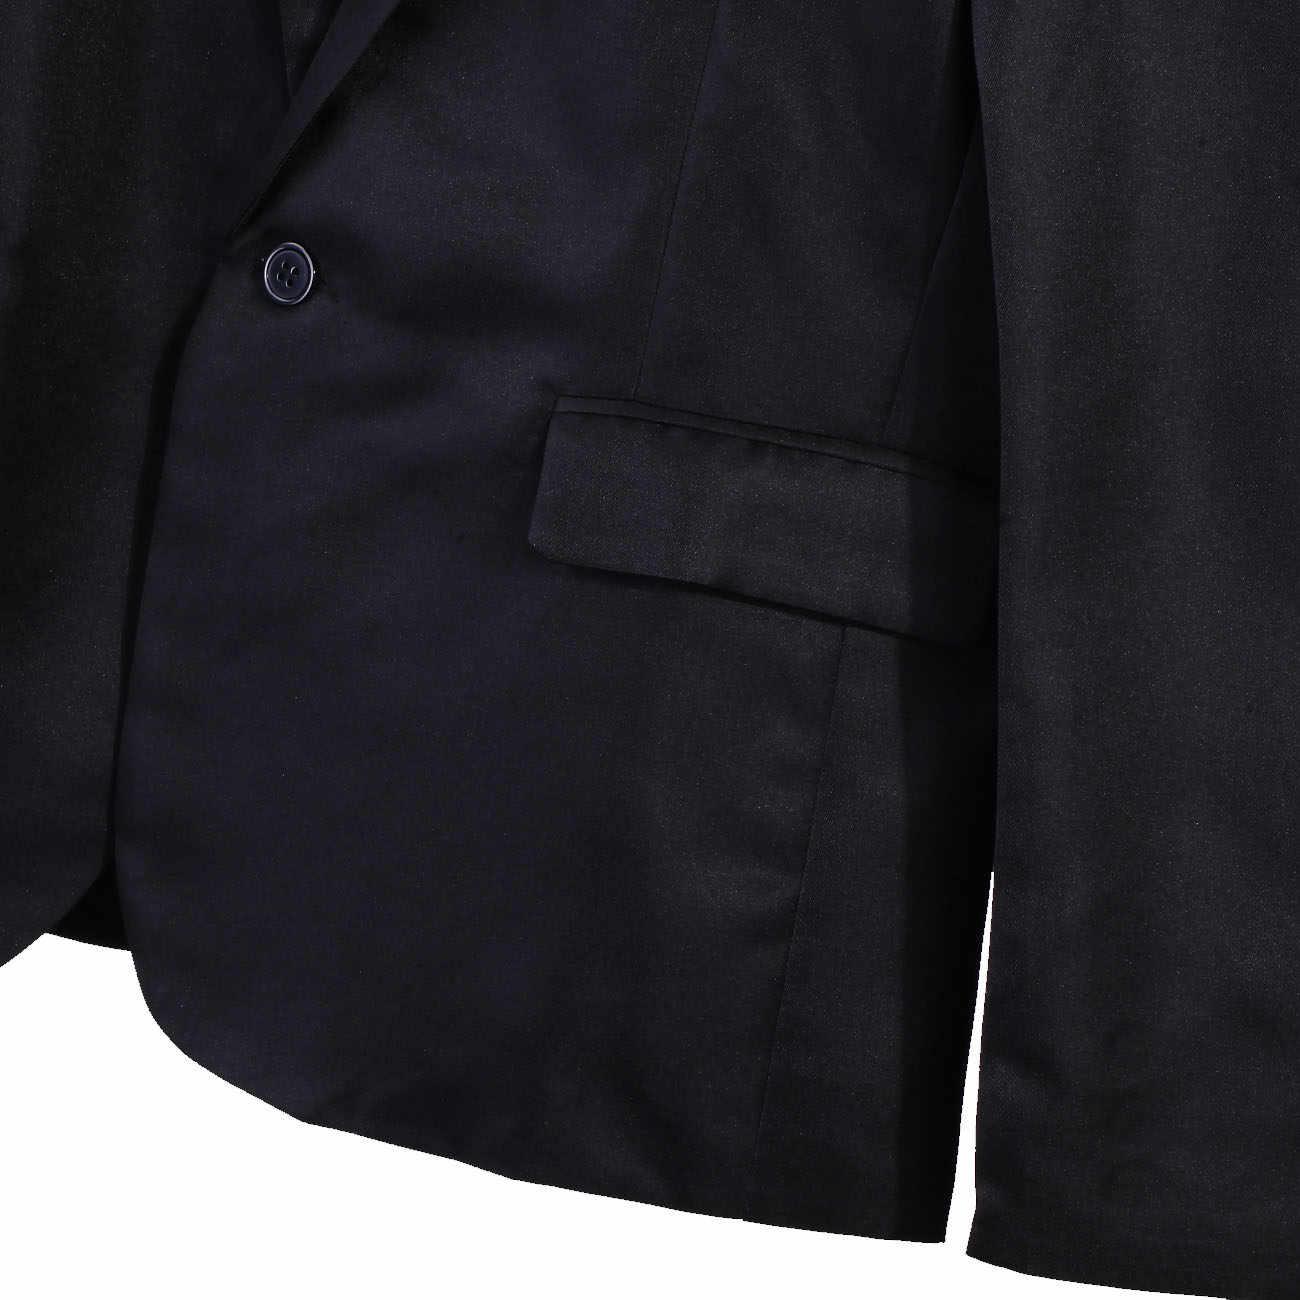 Nowy stylowy mężczyzna Smart Casual Blazer Slim Fitness formalne jeden przycisk garnitur klasyczne męskie moda wiosna letni płaszcz topy M-3XL